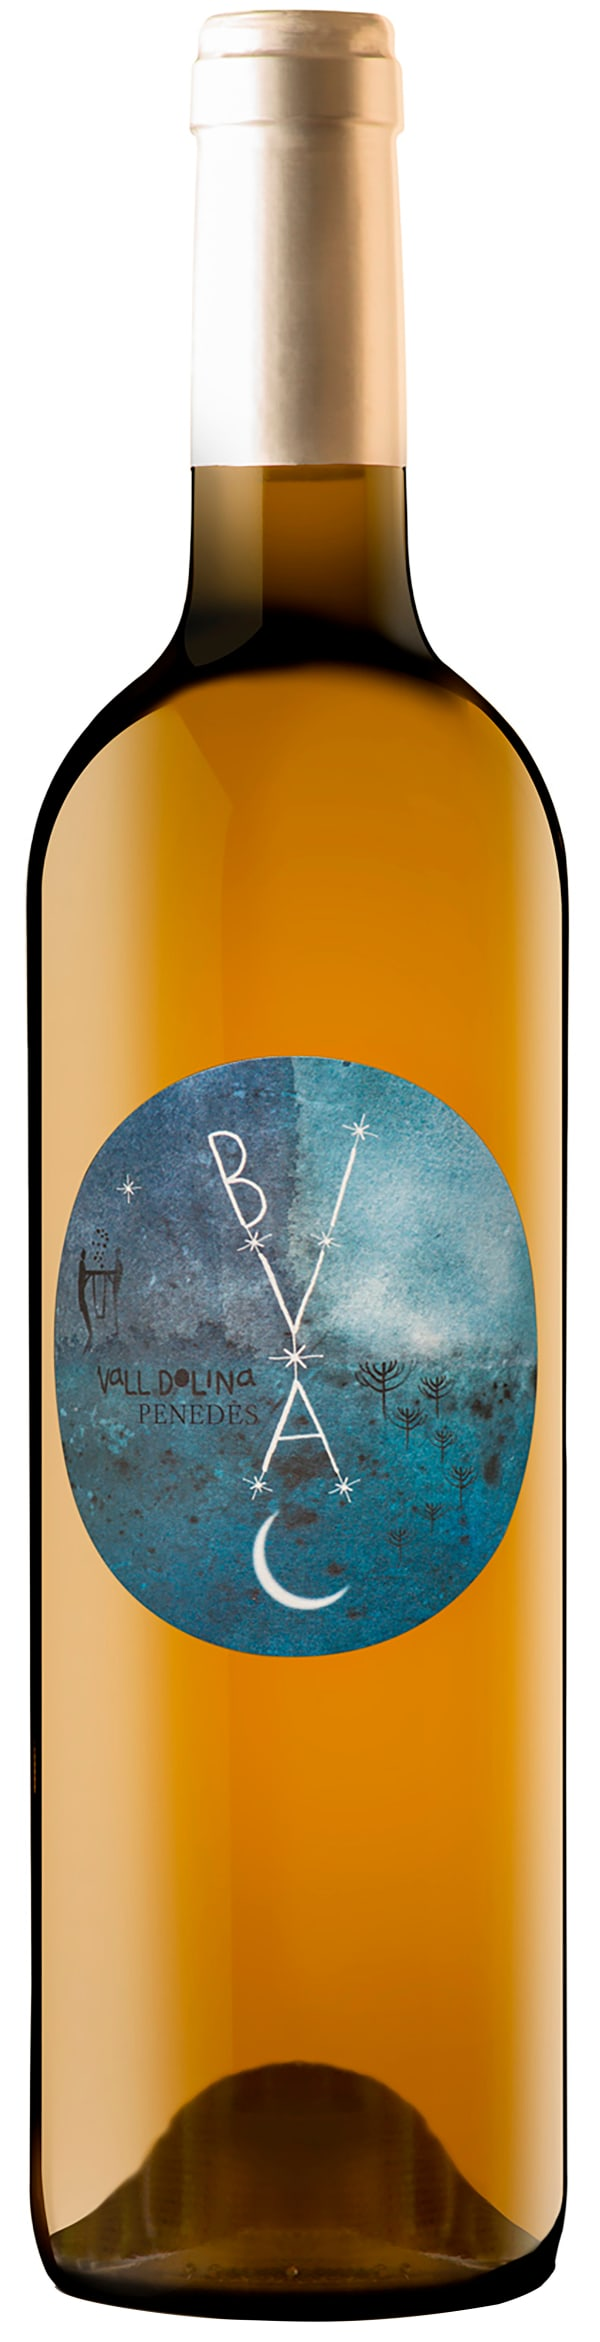 Vall Dolina Bivac 2019